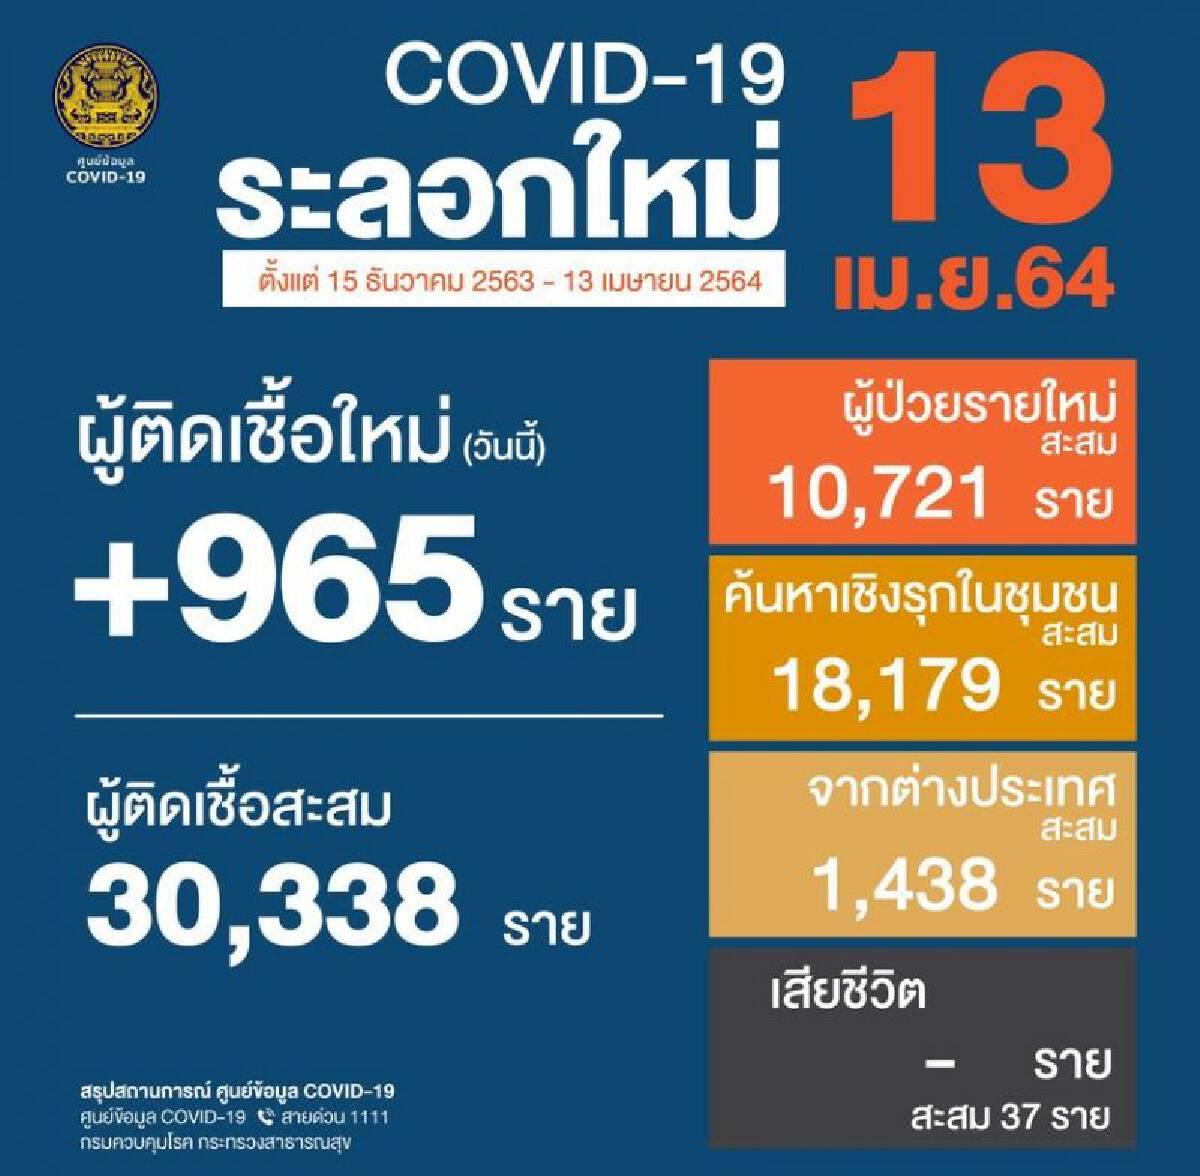 ยอดติดเชื้อโควิด 13 เม.ย.64 รายใหม่ 965 สะสม 34,575 ราย